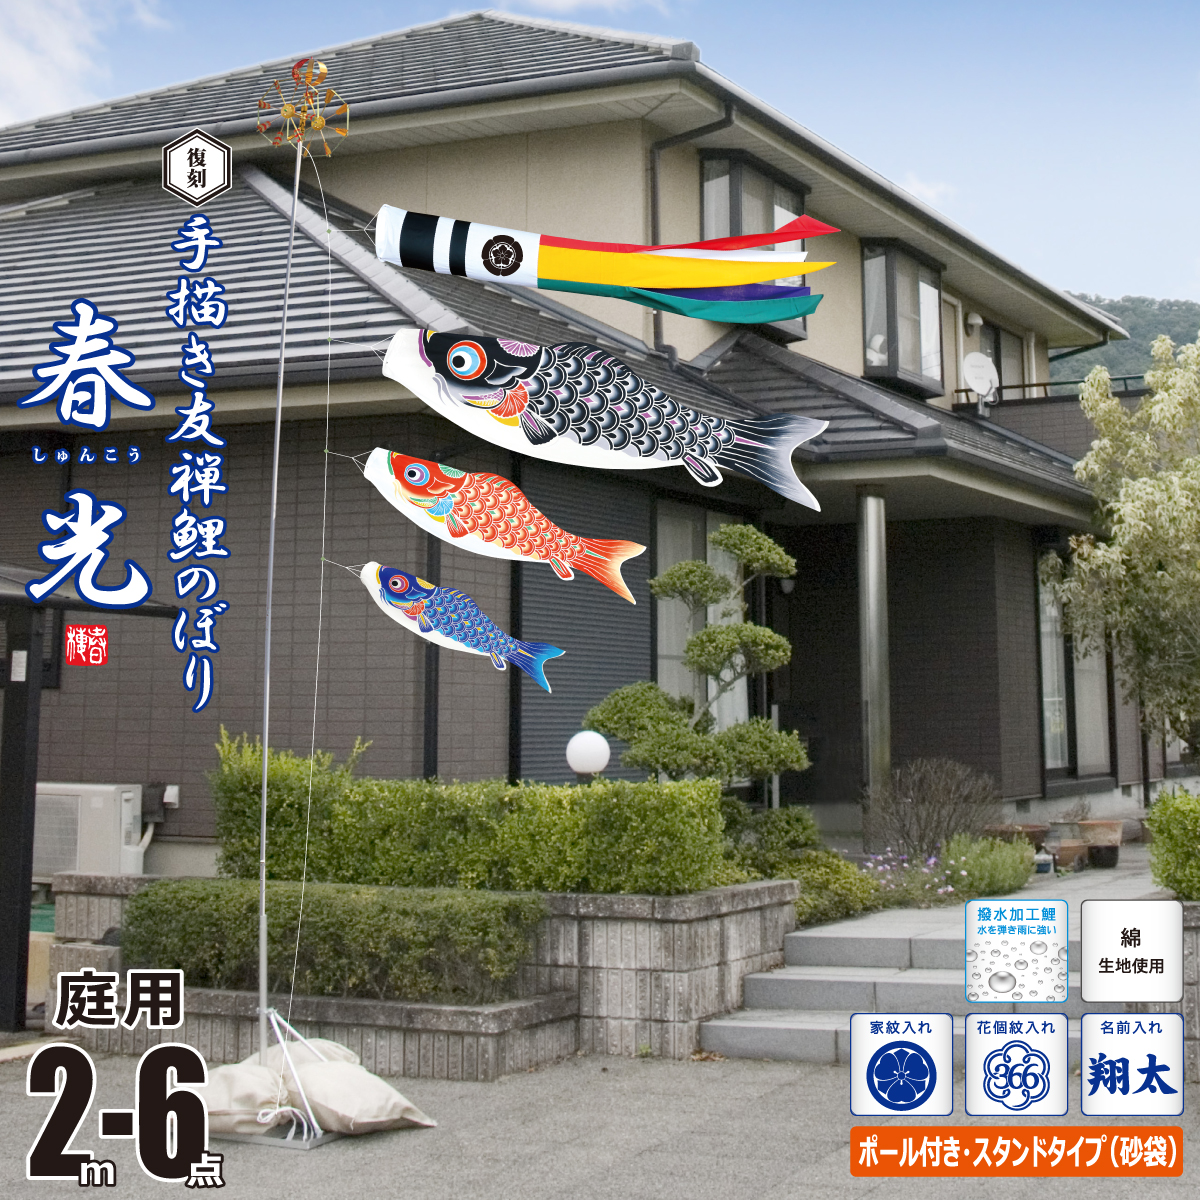 こいのぼり 2m 手描き鯉のぼり 春光 6点 (矢車、ロープ、吹流し、鯉3匹) 庭園用 スタンドセット (庭用 スタンド 砂袋3枚入り) 徳永鯉のぼり ポイント20倍 KIT-003-953